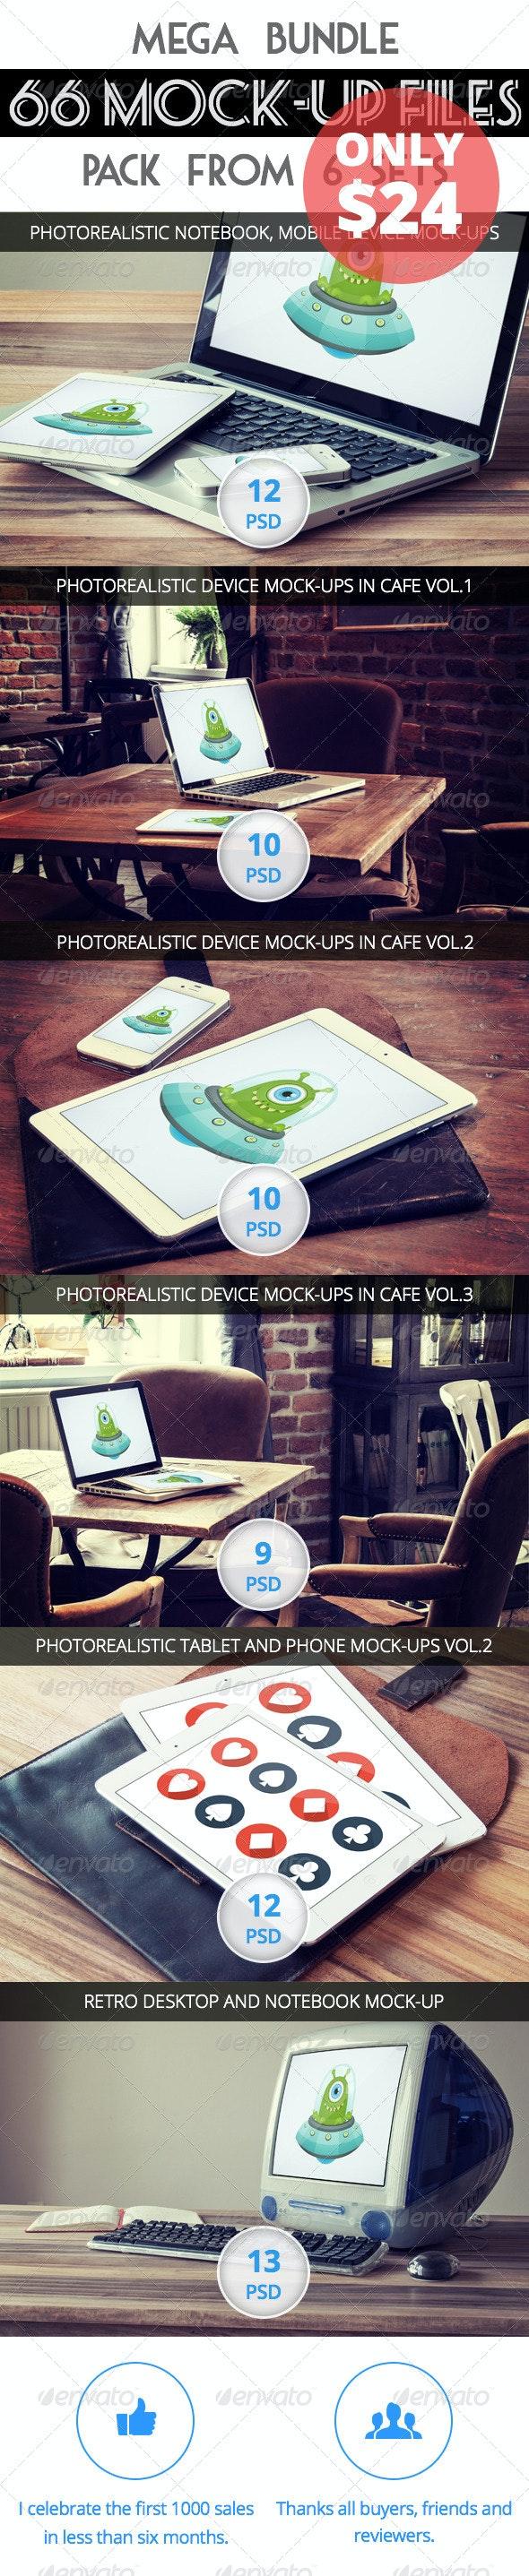 66 Mock-Up - Second Bundle - Displays Product Mock-Ups